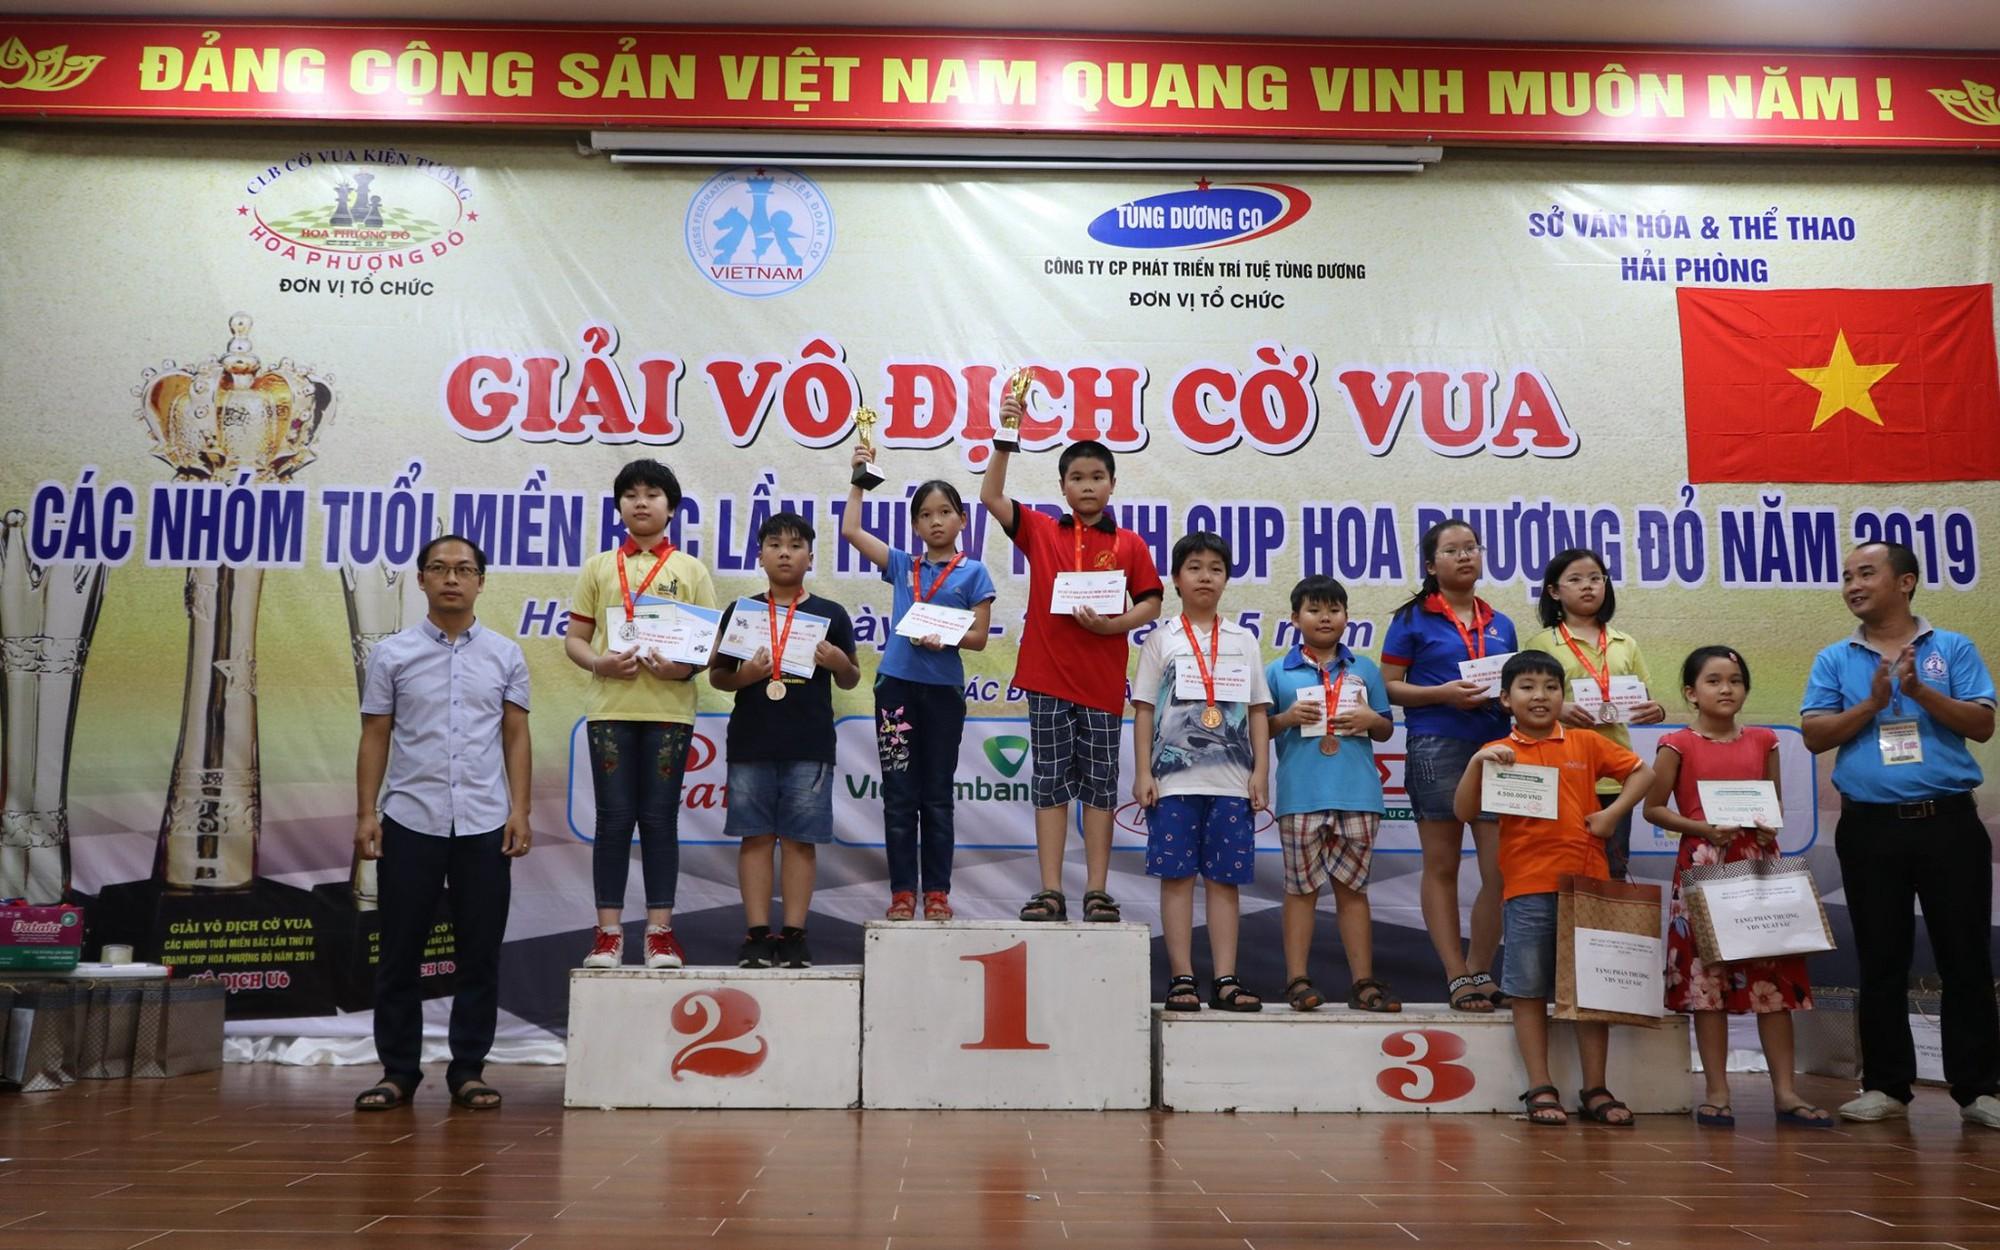 Bế mạc Giải vô địch cờ vua các nhóm tuổi miền Bắc lần thứ IV tranh Cúp Hoa Phượng Đỏ 2019